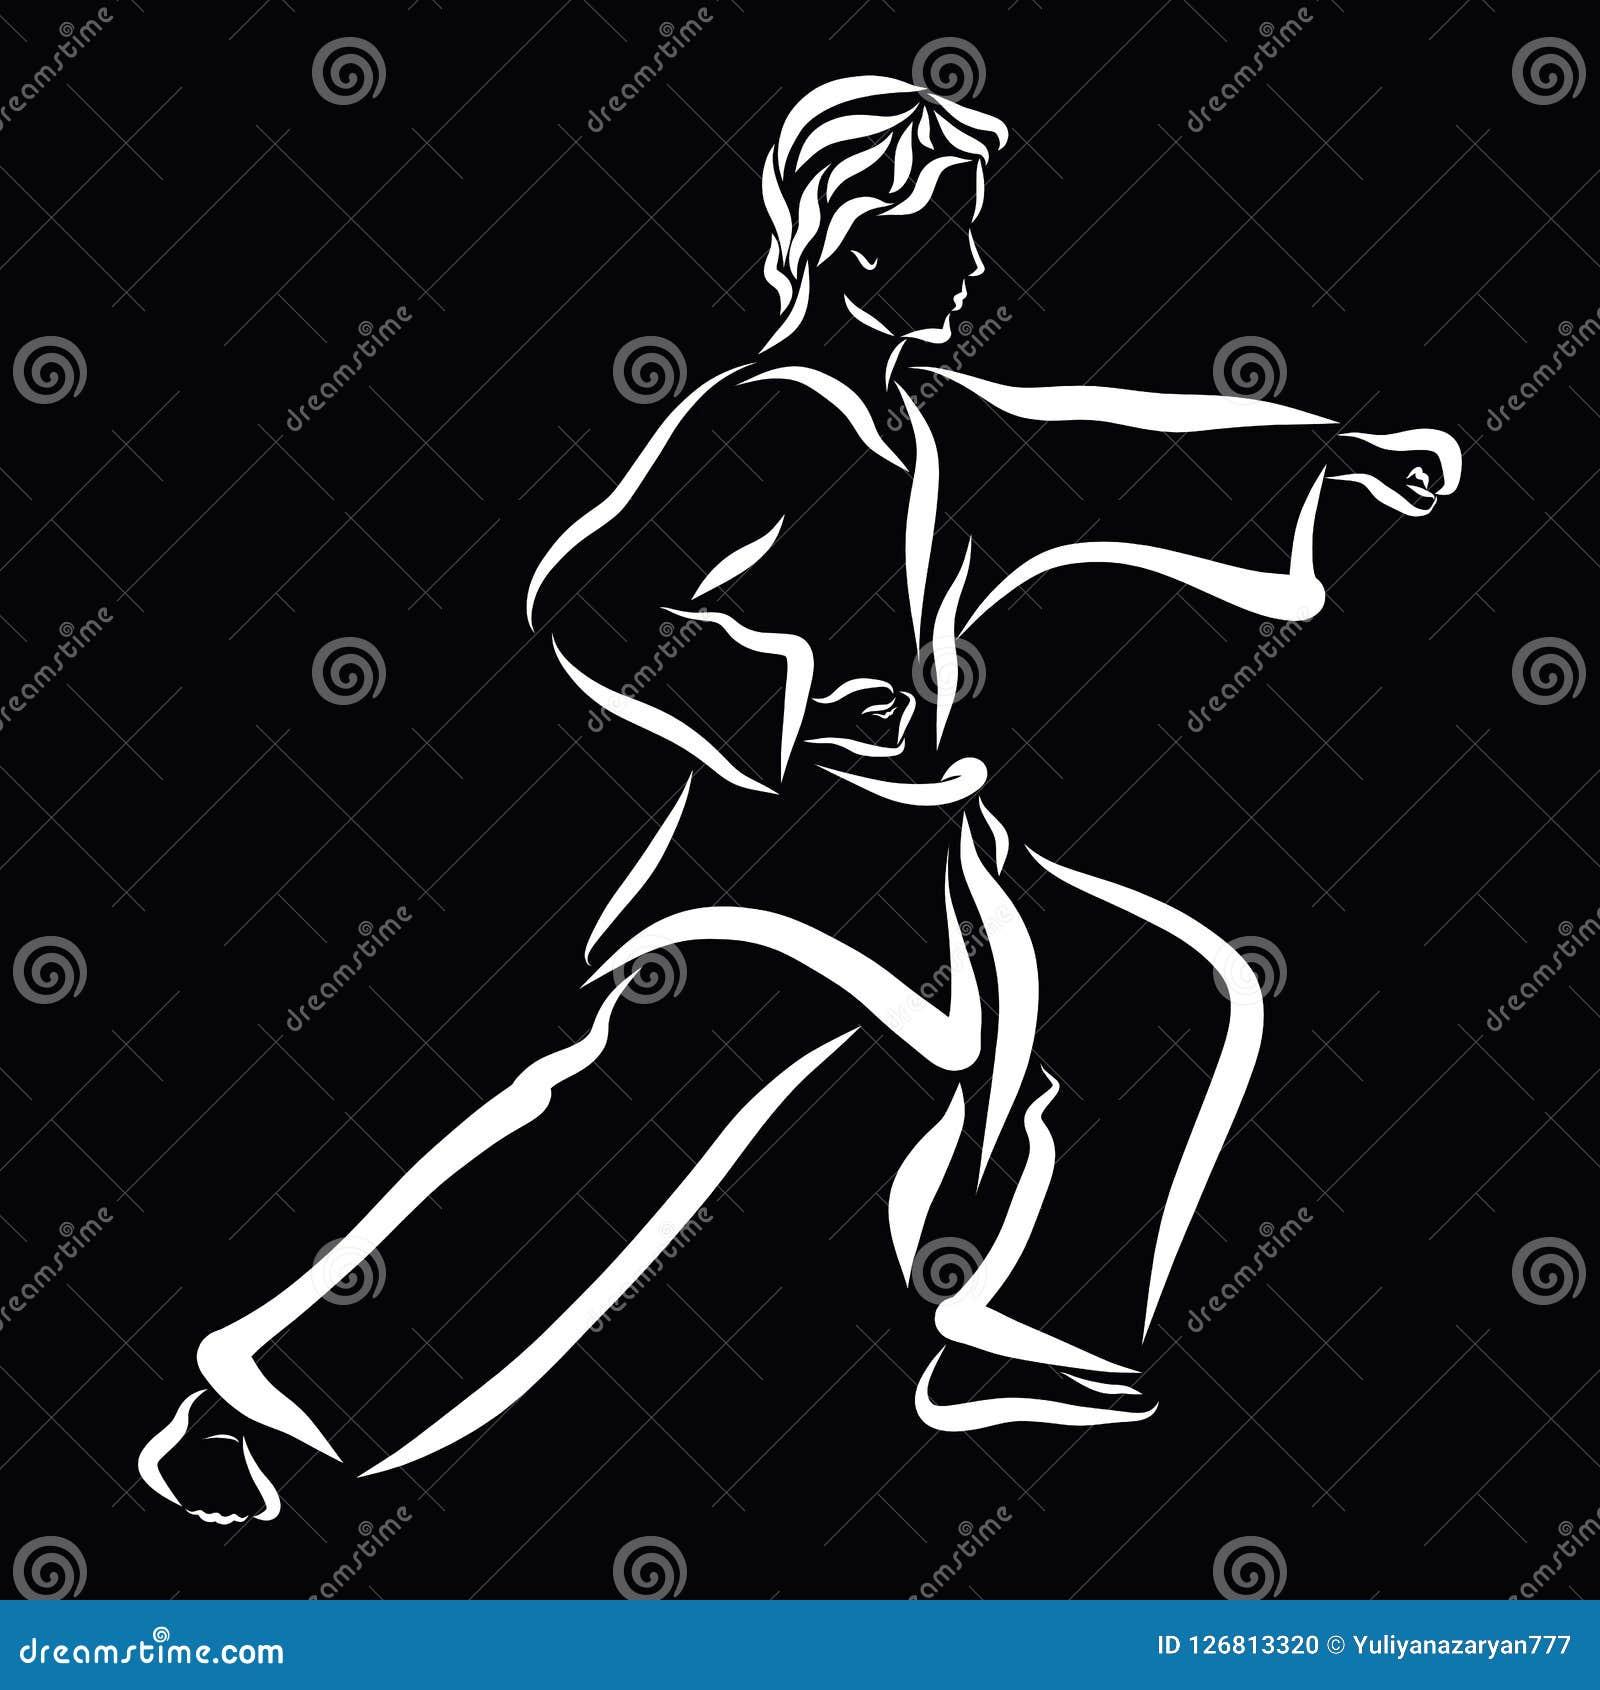 Νεαρός άνδρας σε ένα κοστούμι για τις πολεμικές τέχνες, πάλη, μαύρο υπόβαθρο